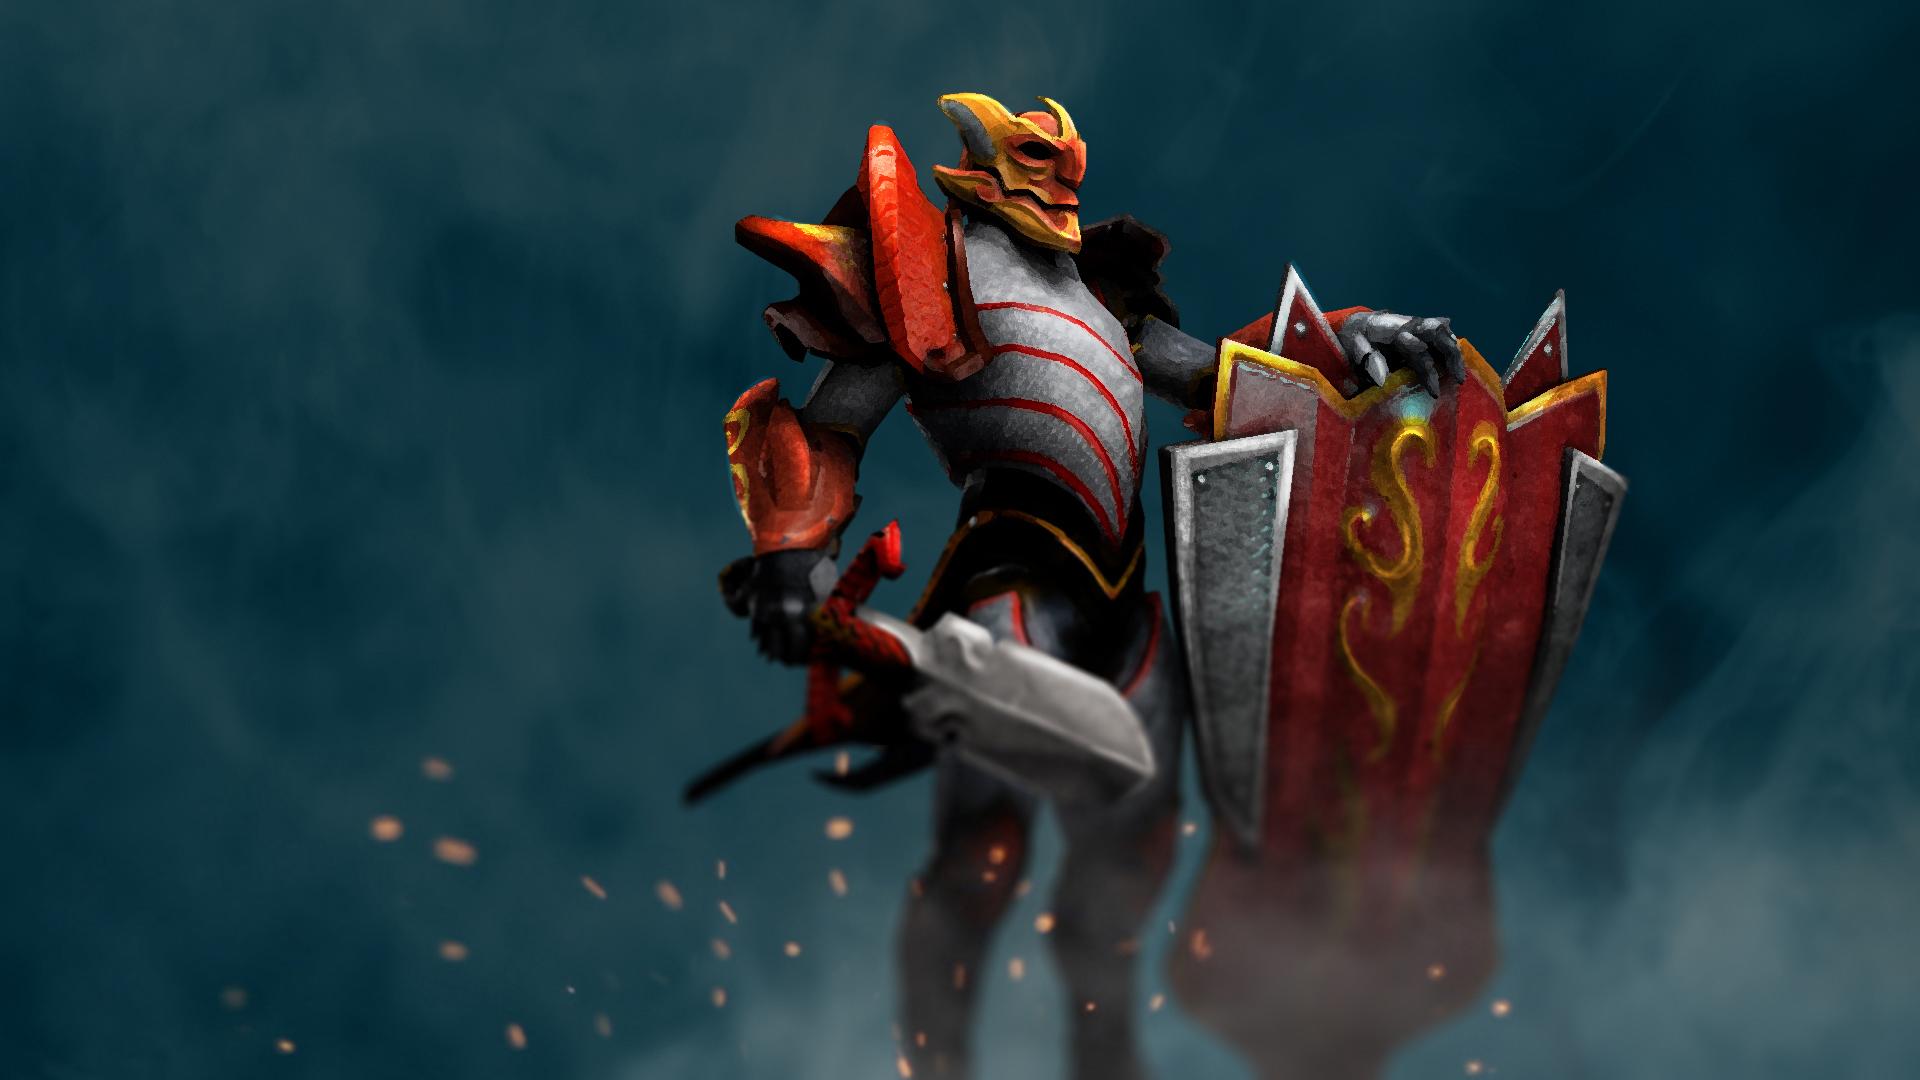 Dragon knight dota 2 3h wallpaper hd davion the dragon knight dota 2 hd wallpaper hero voltagebd Gallery